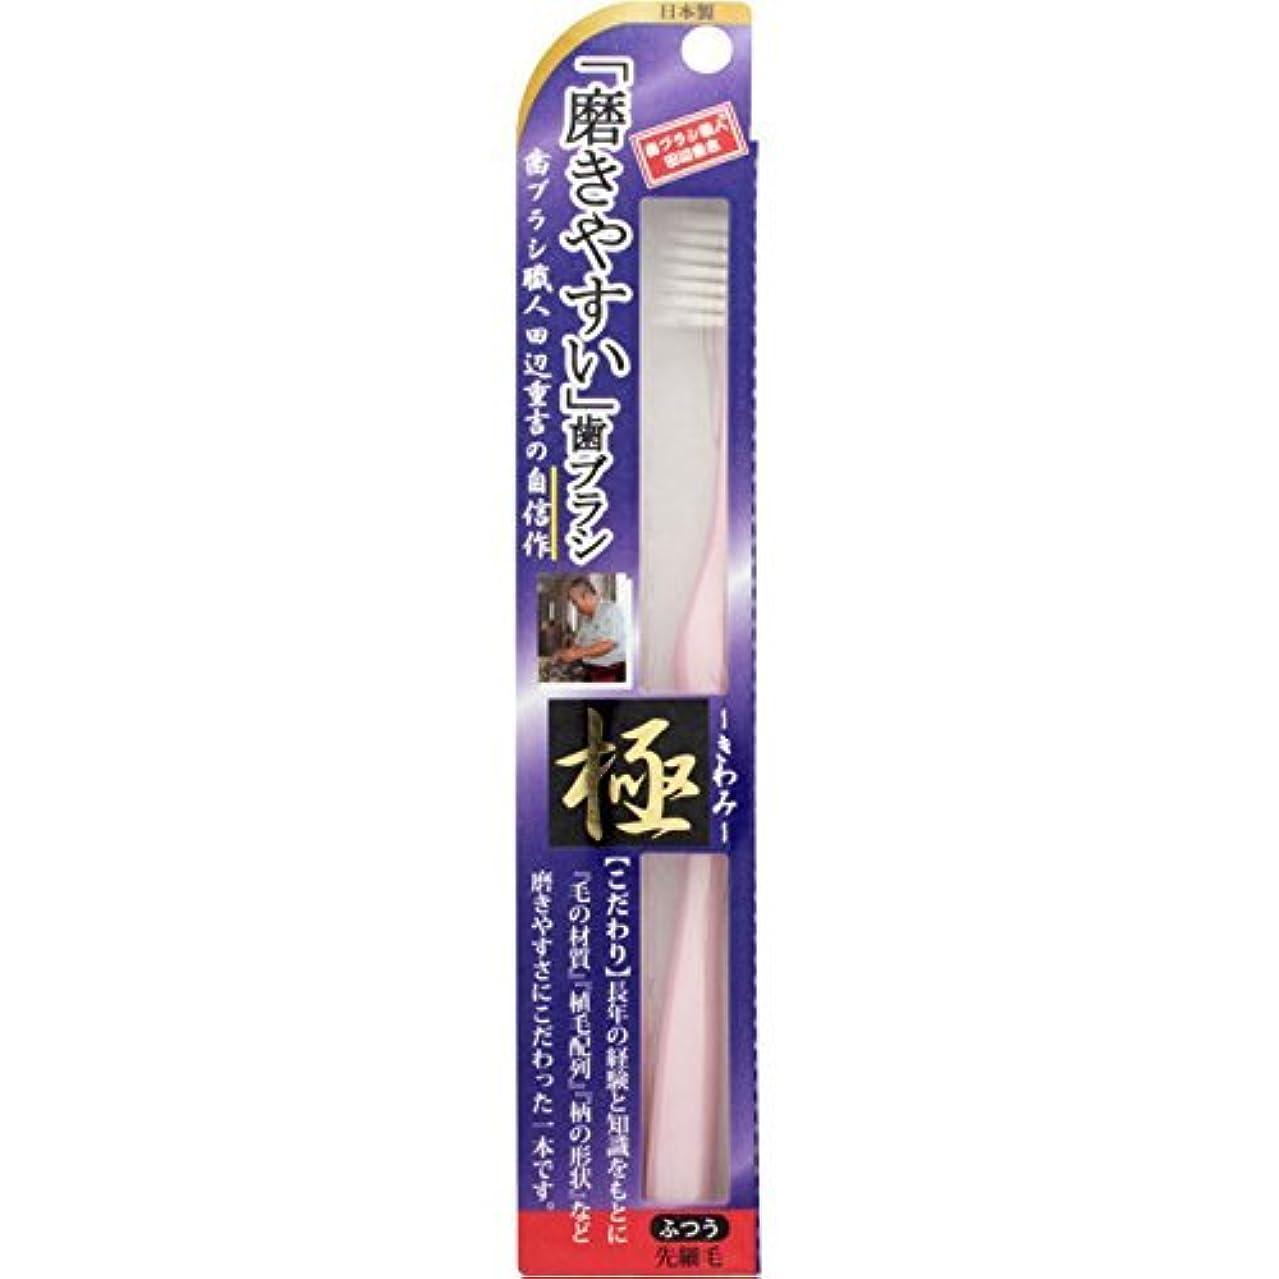 レーニン主義稼ぐに向けて出発【まとめ買い】磨きやすい歯ブラシ 極 LT-22 ×20個